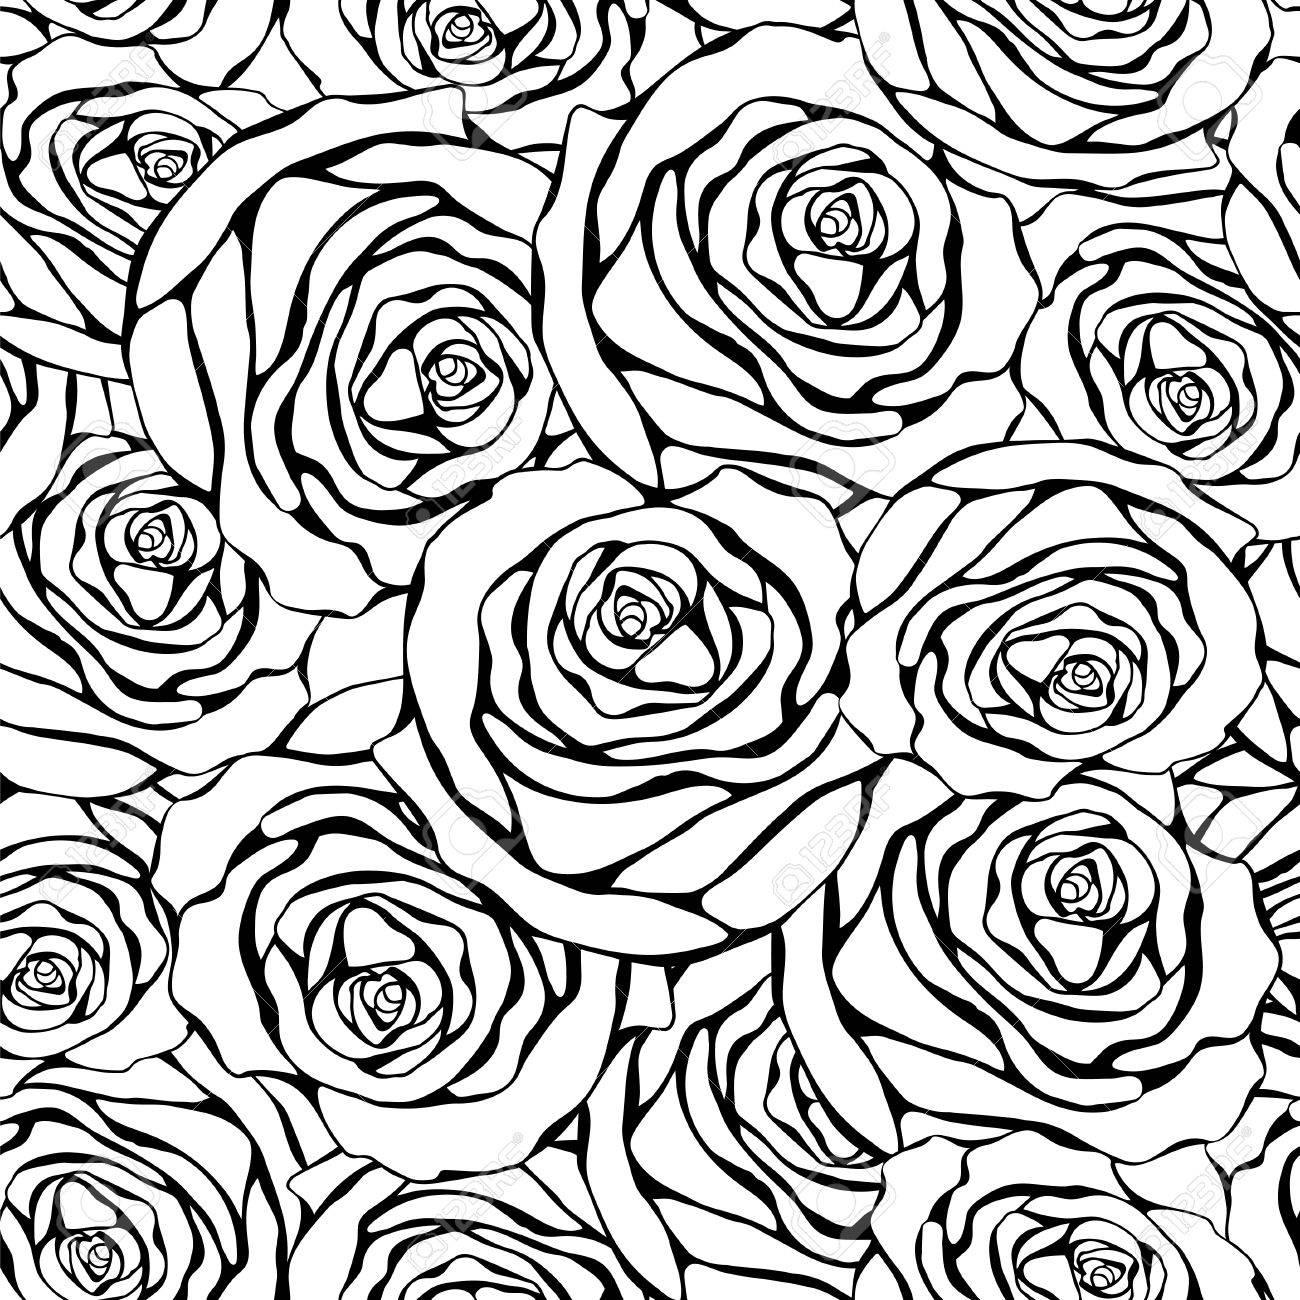 白い背景に黒いバラでシームレスな白黒パターンビンテージ風の花の